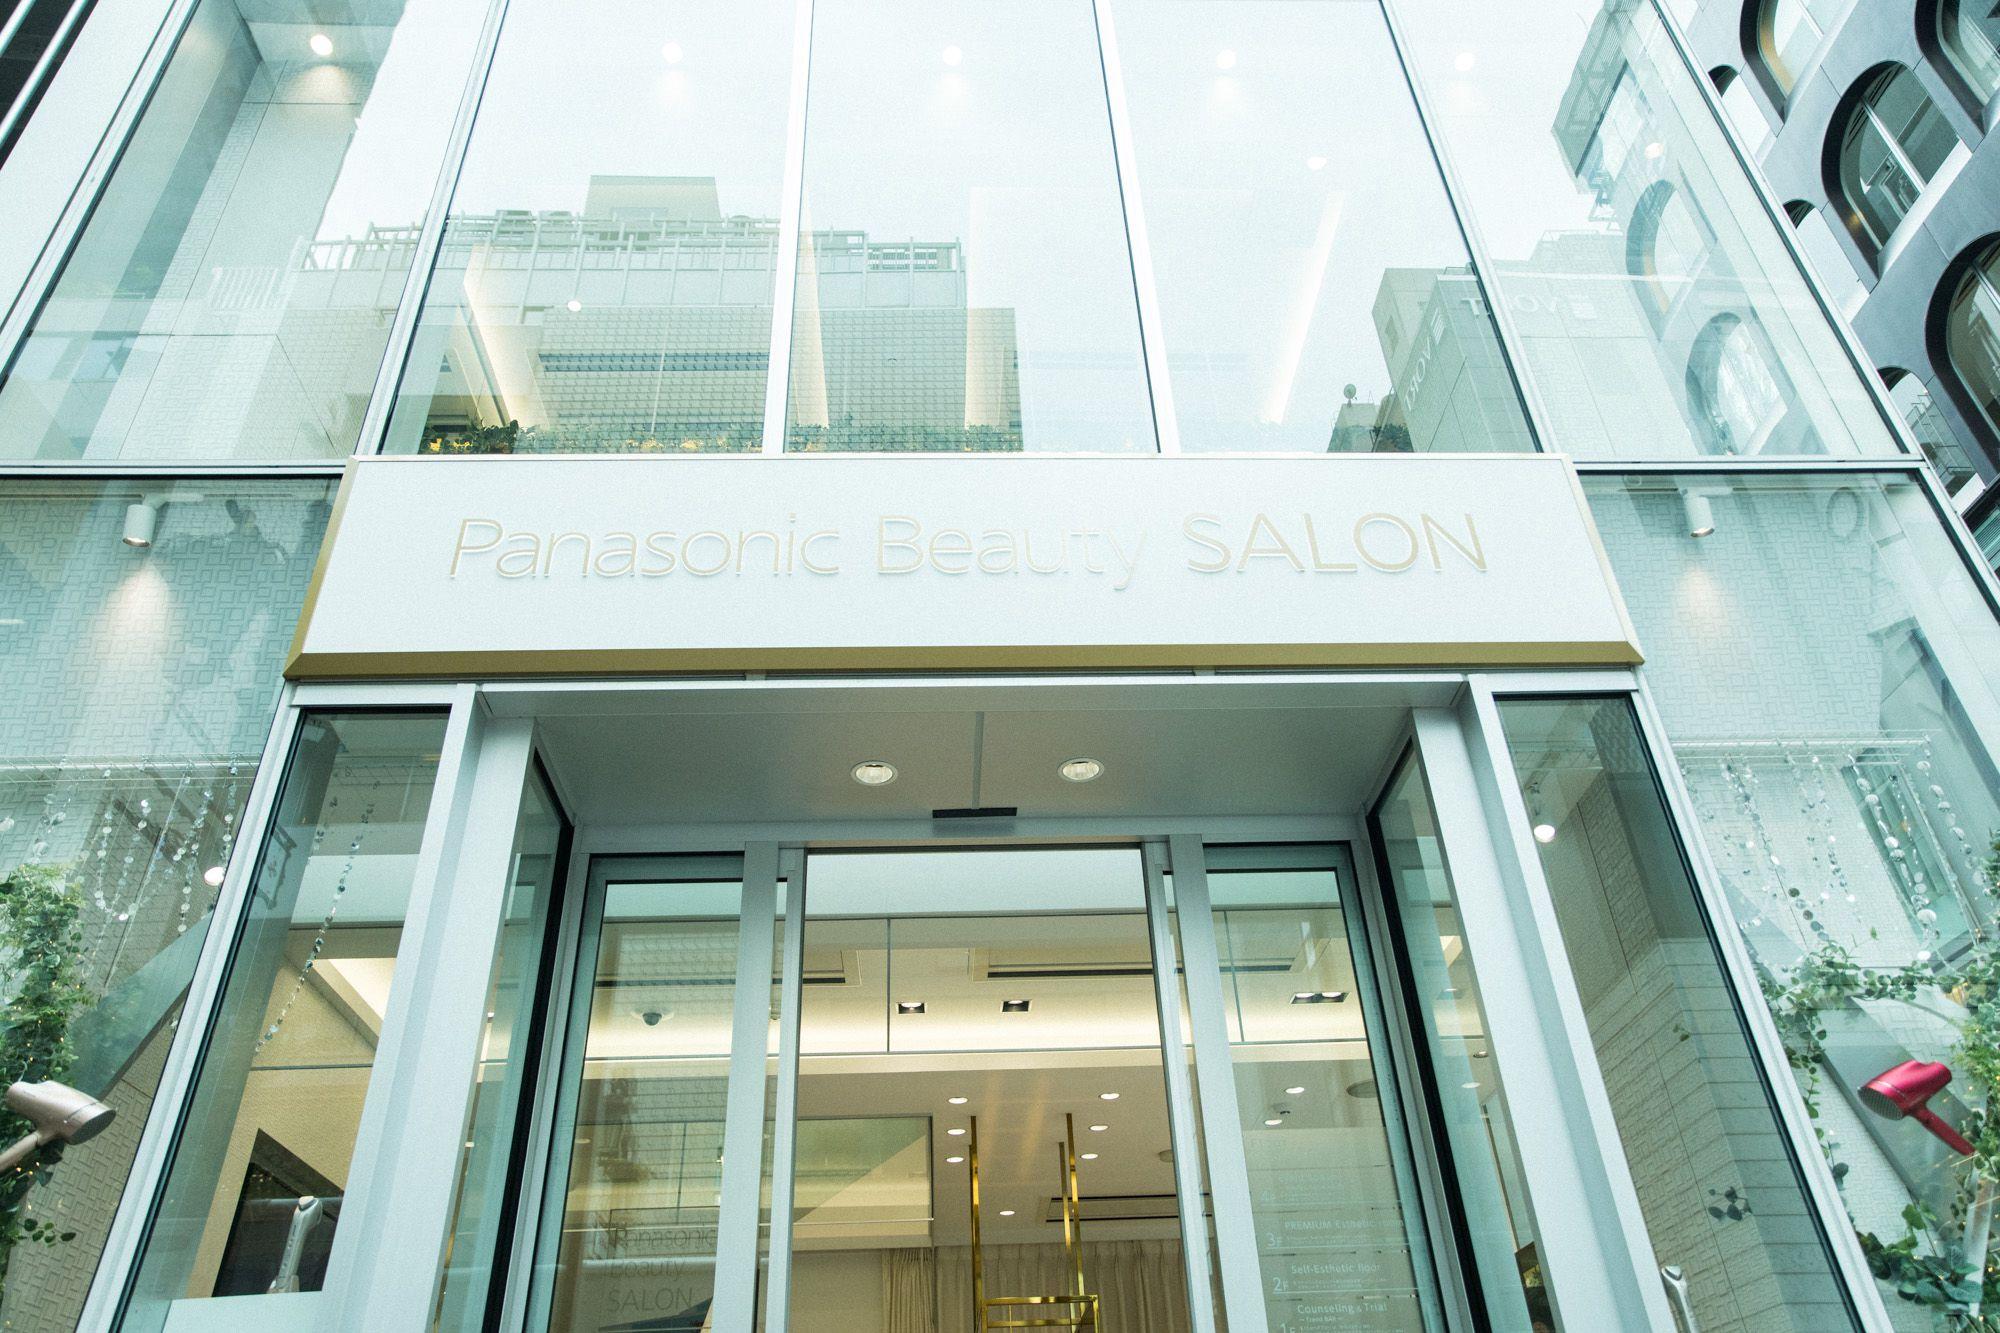 ガラス張りで明るい外光が差し込む「Panasonic Beauty SALON 銀座」。